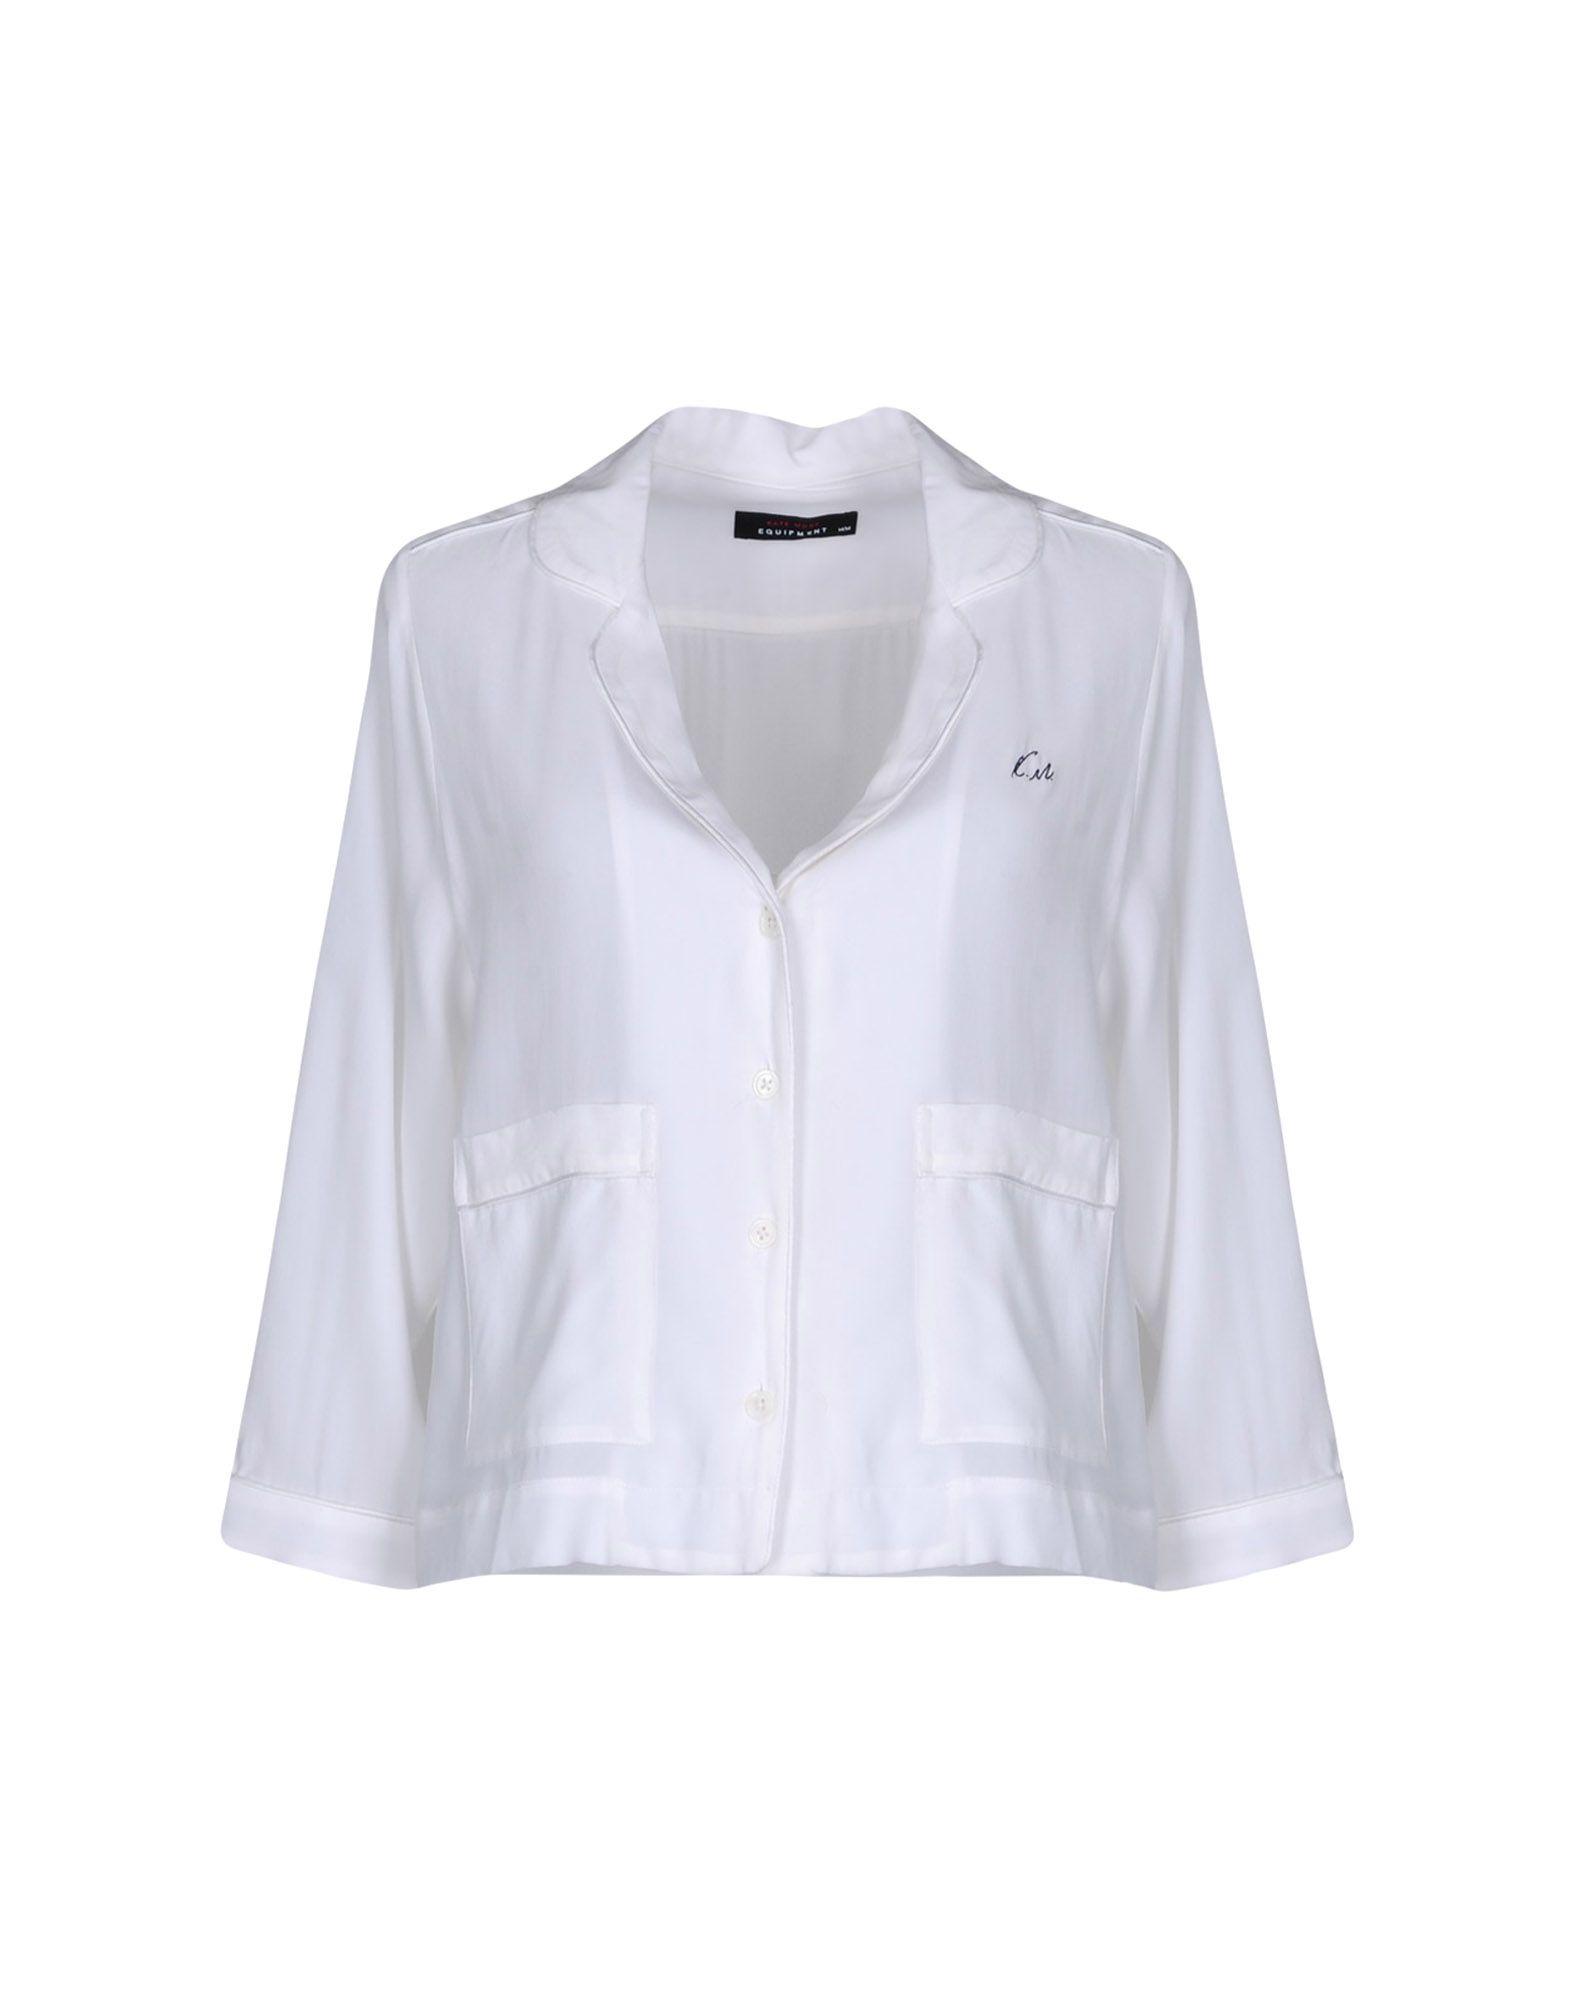 《セール開催中》KATE MOSS EQUIPMENT レディース シャツ ホワイト L シルク 100%